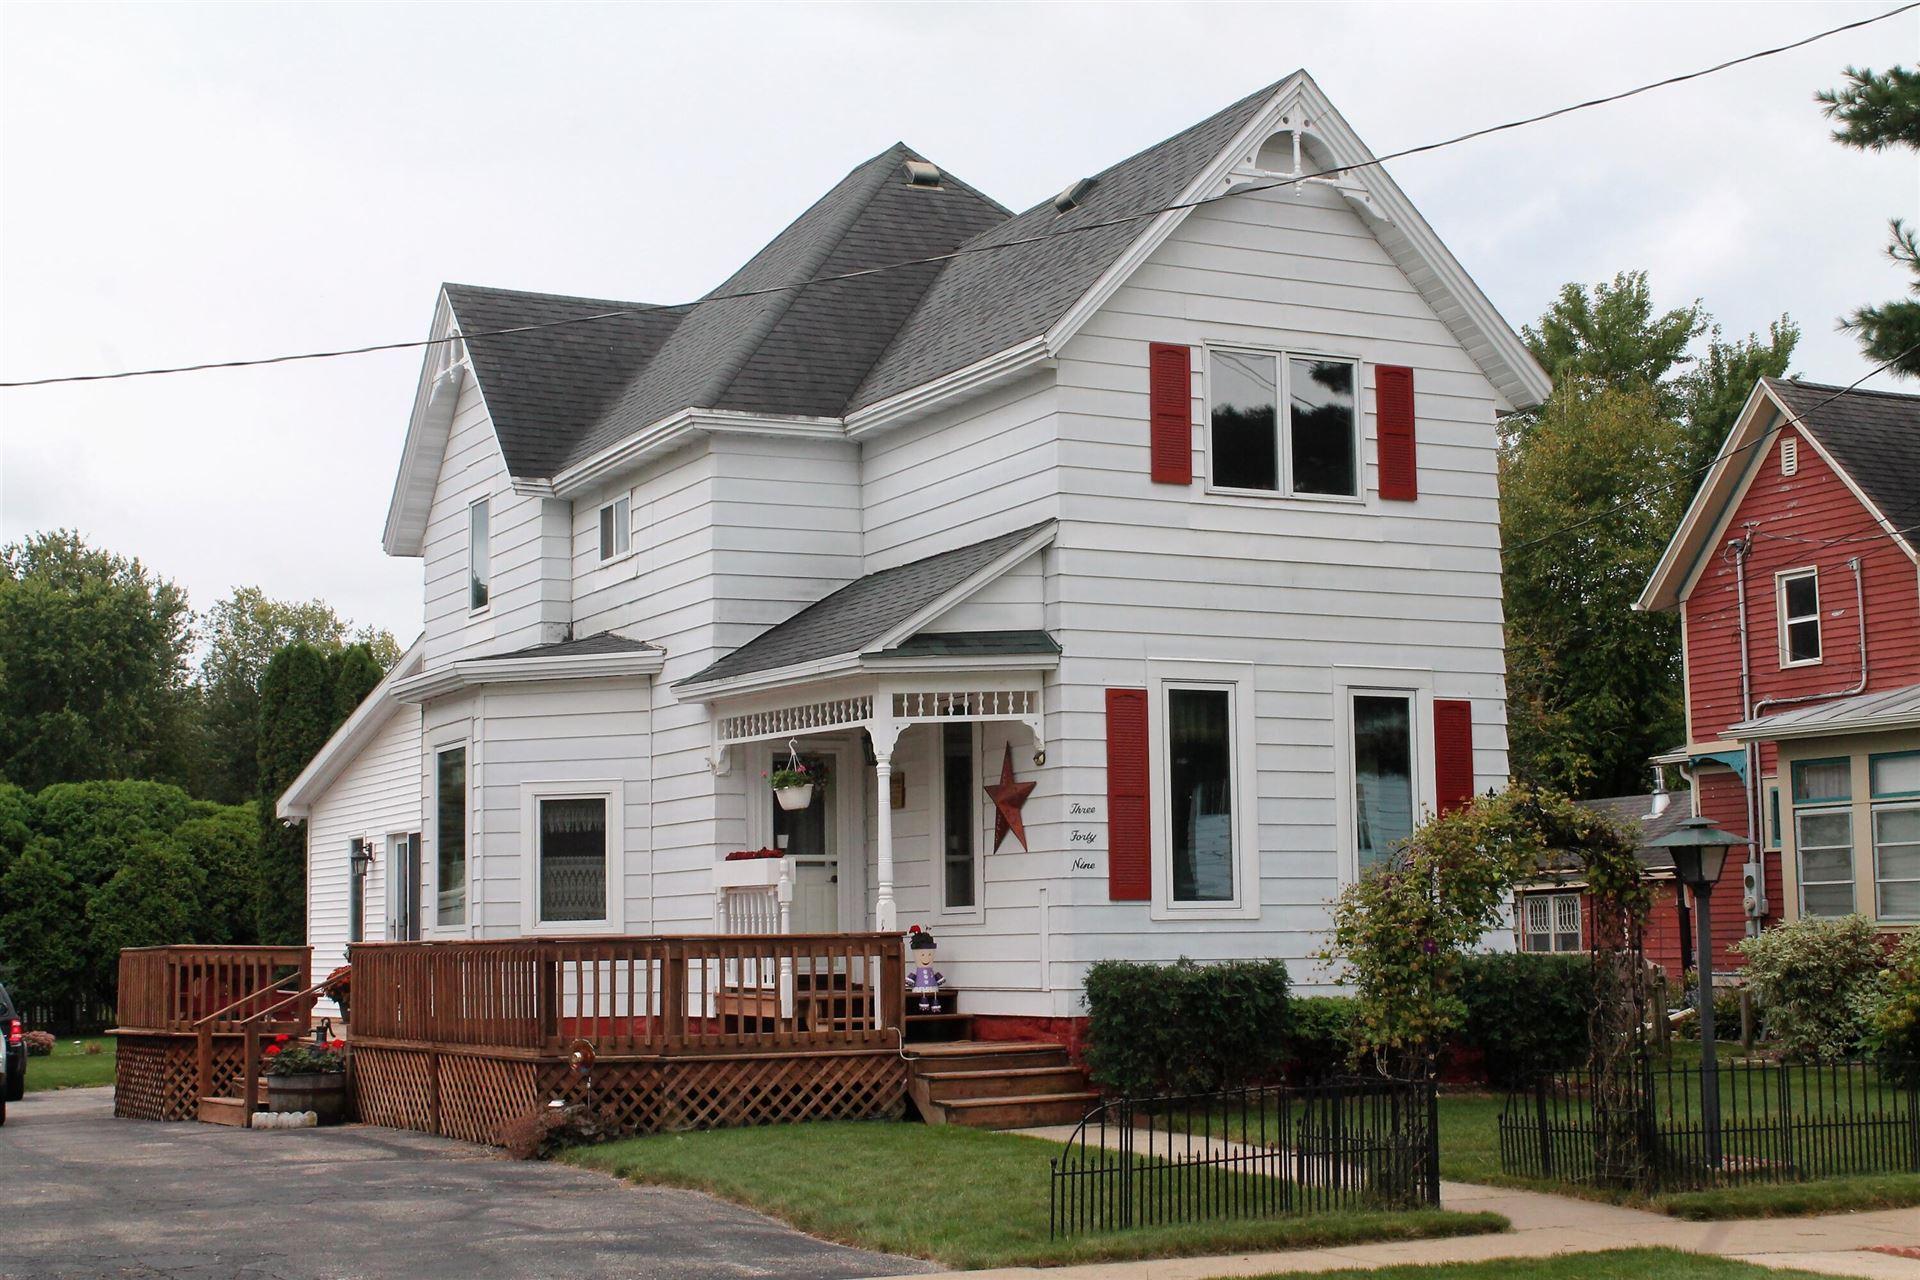 349 Hamilton St W, West Salem, WI 54669 - MLS#: 1764008